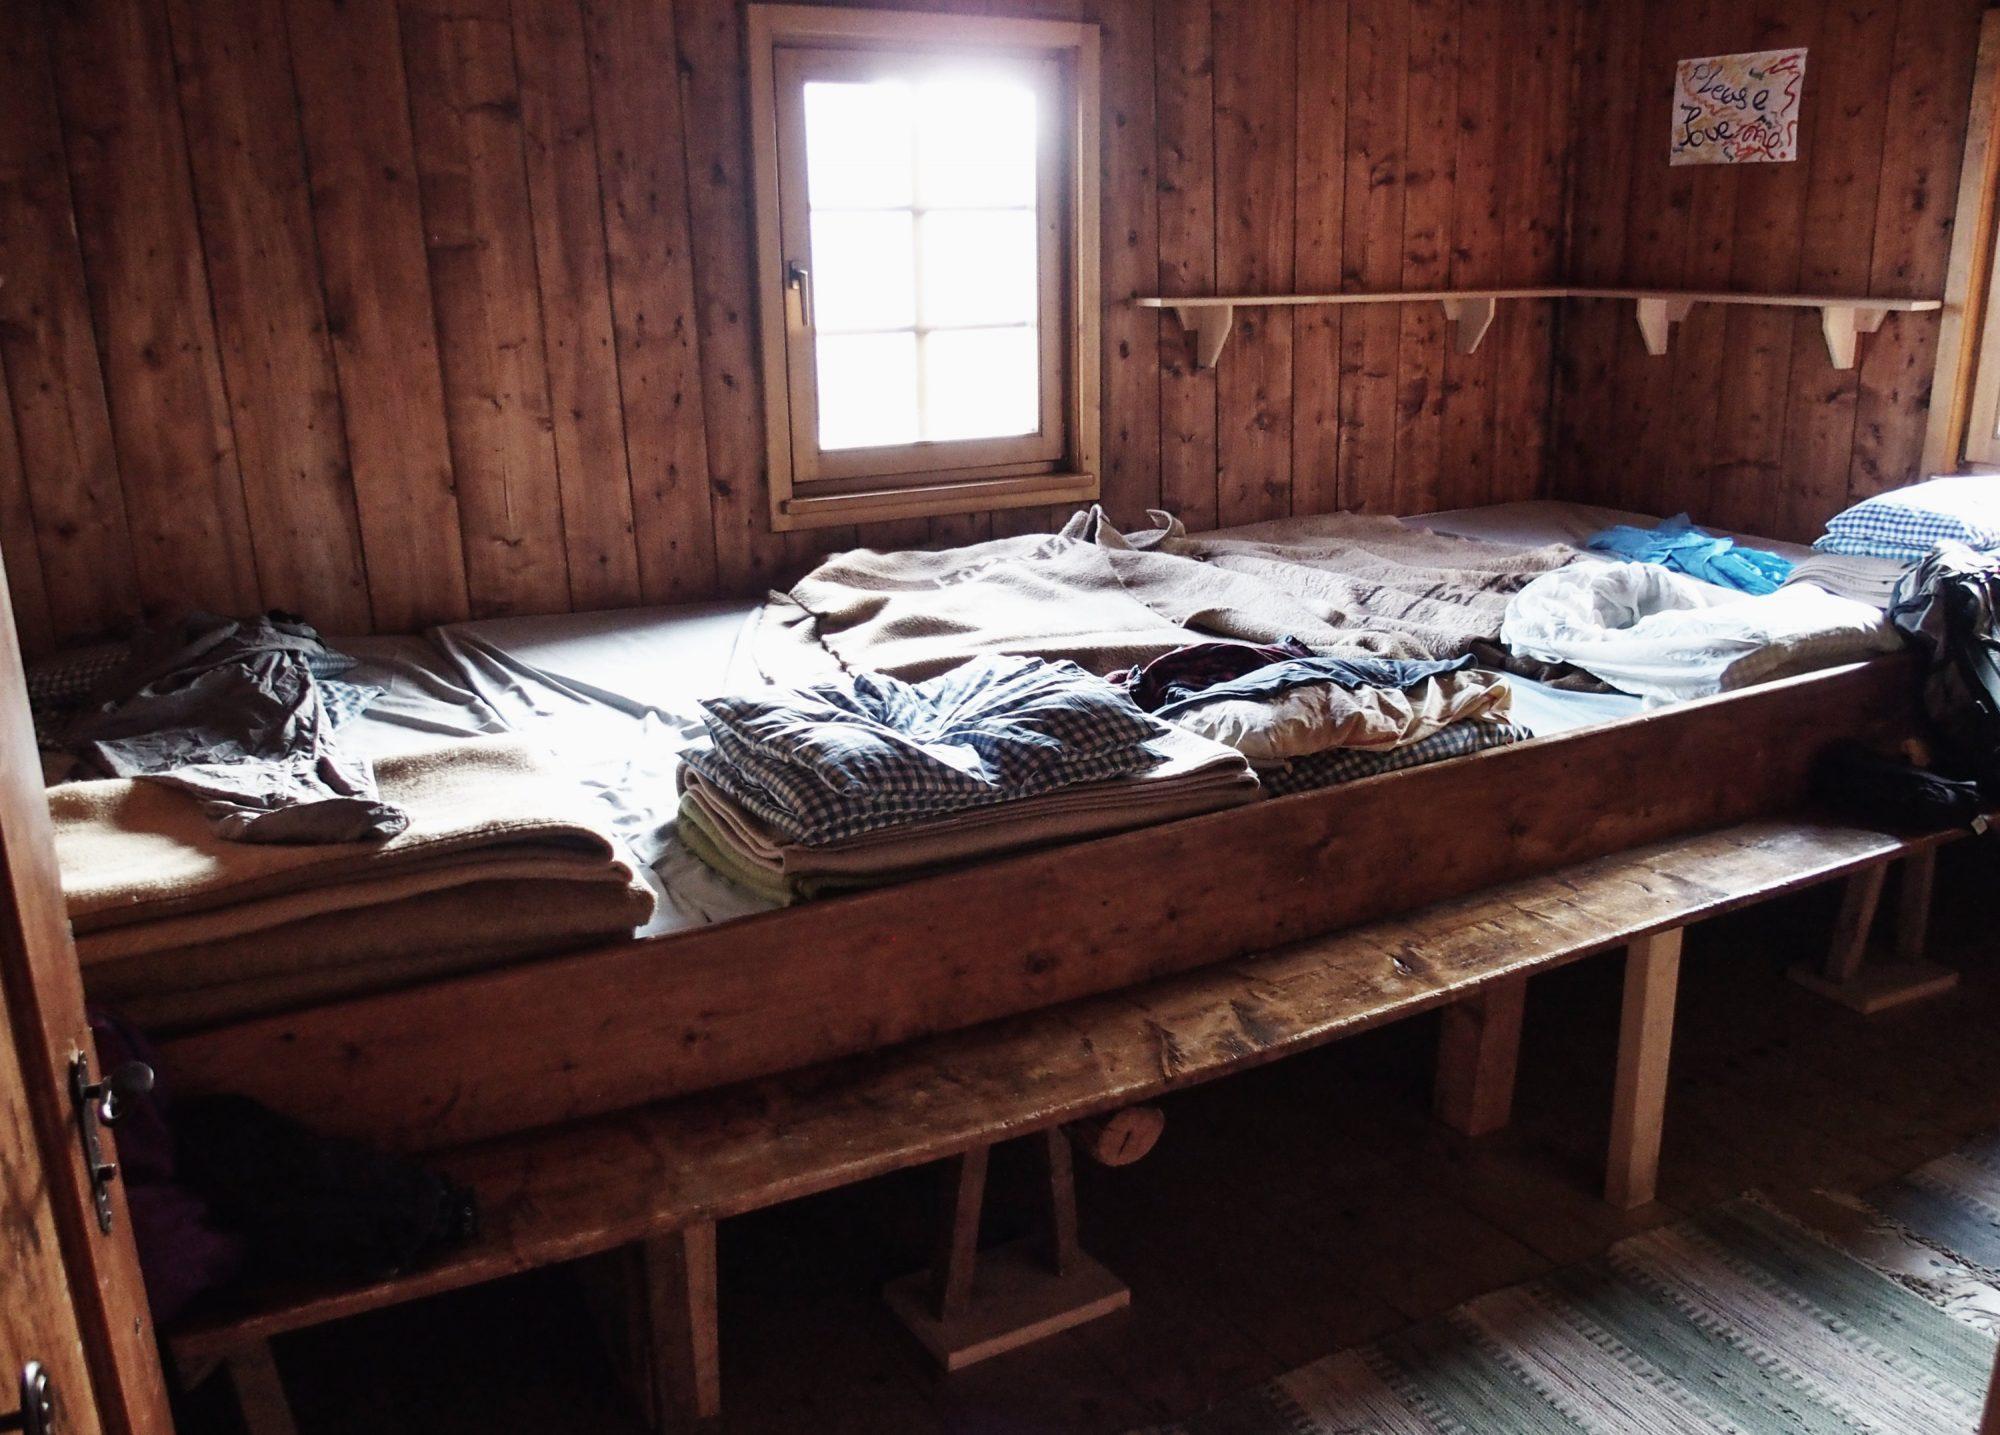 Lager, In 10 Schritten fit fürs Hüttenleben, Tipps Hüttentour, Tipps Hüttenübernachtung, Alpenüberquerung, Alpenvereinshütte, Übernachtung Hütte